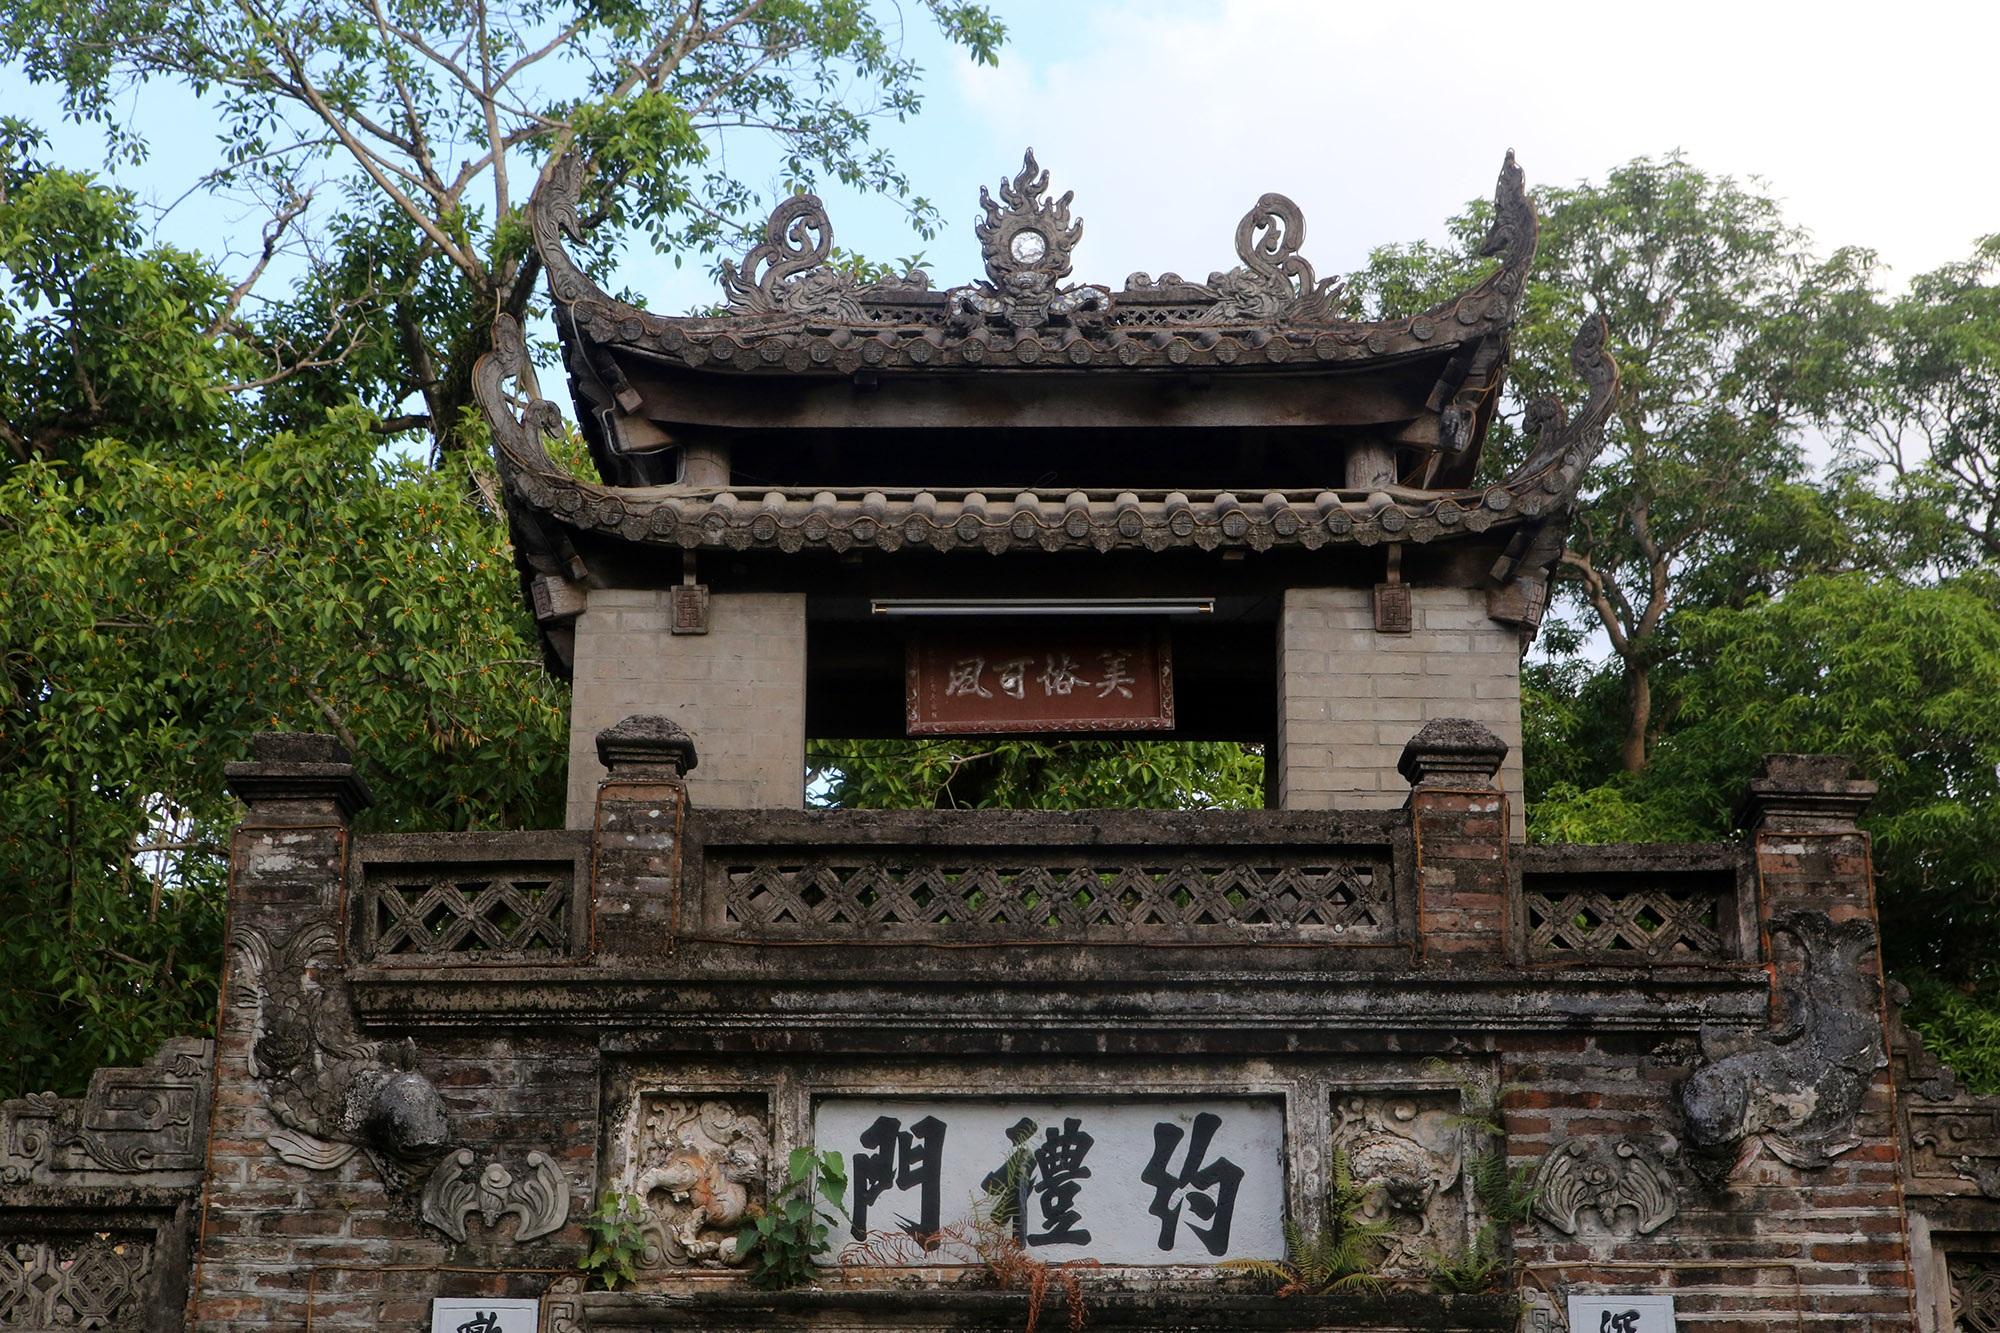 Khám phá vẻ đẹp của cổng làng đồ sộ trải qua 5 thế kỷ tại ngoại ô Hà Nội - 5